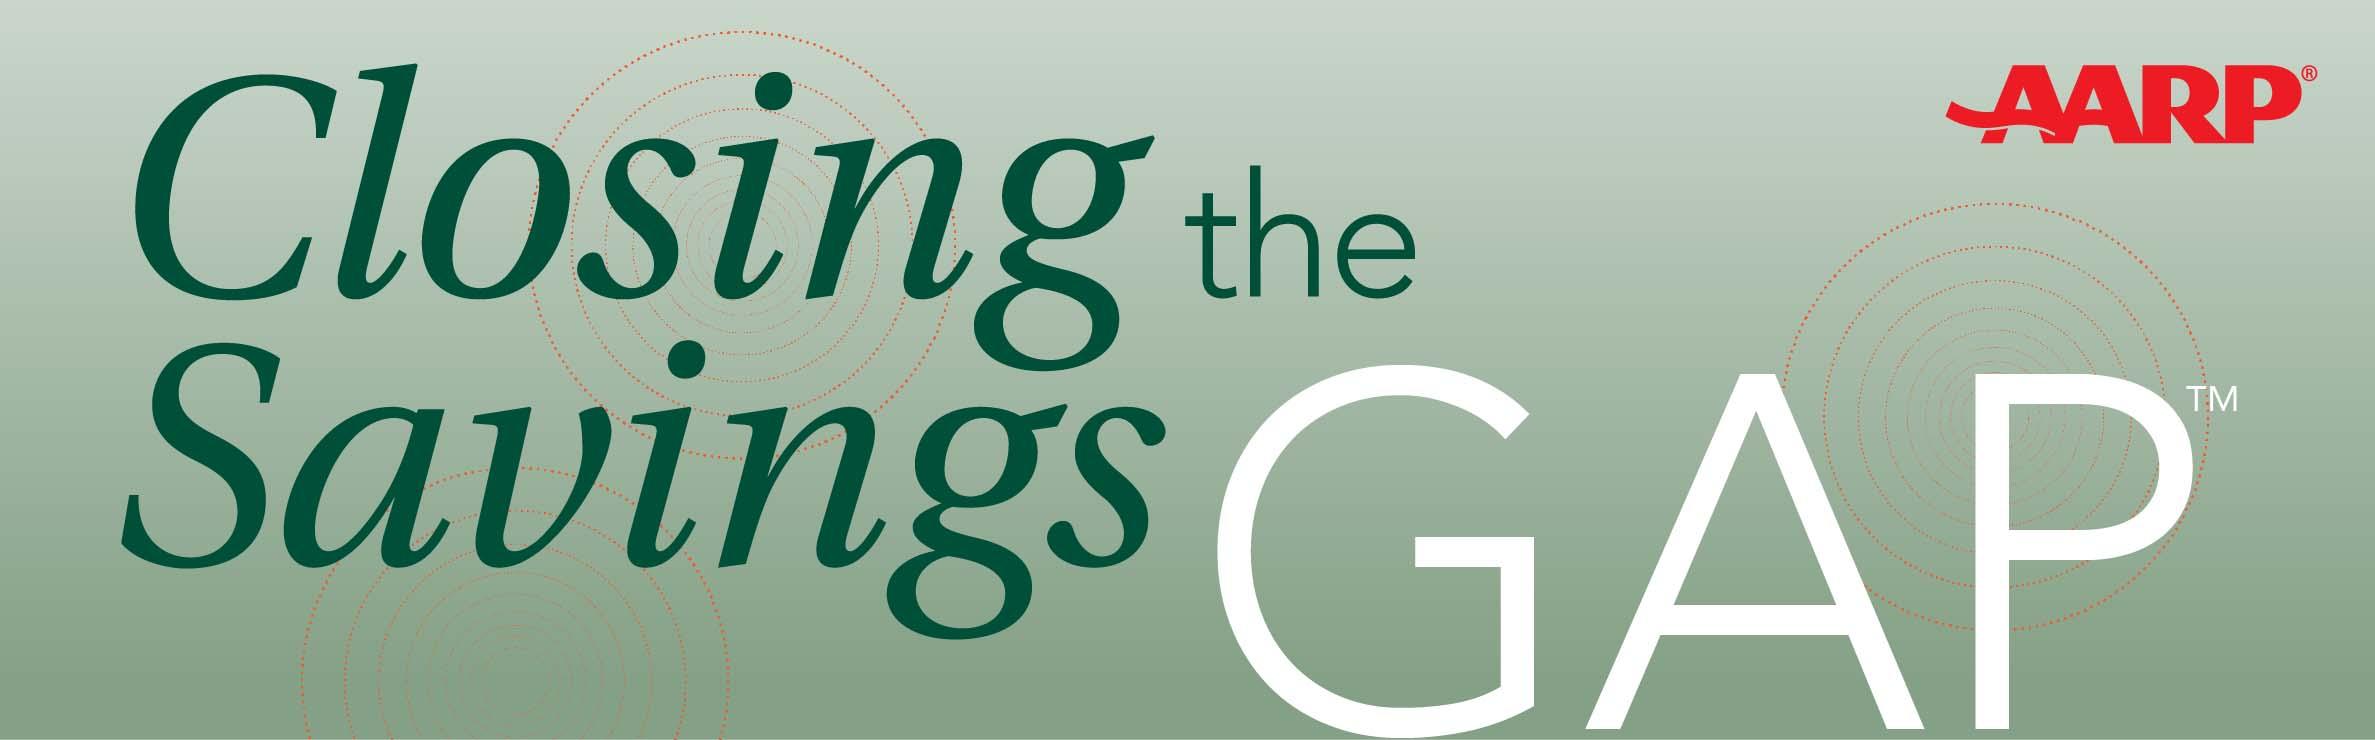 Closing the Savings Gap AARP logo - New landscape